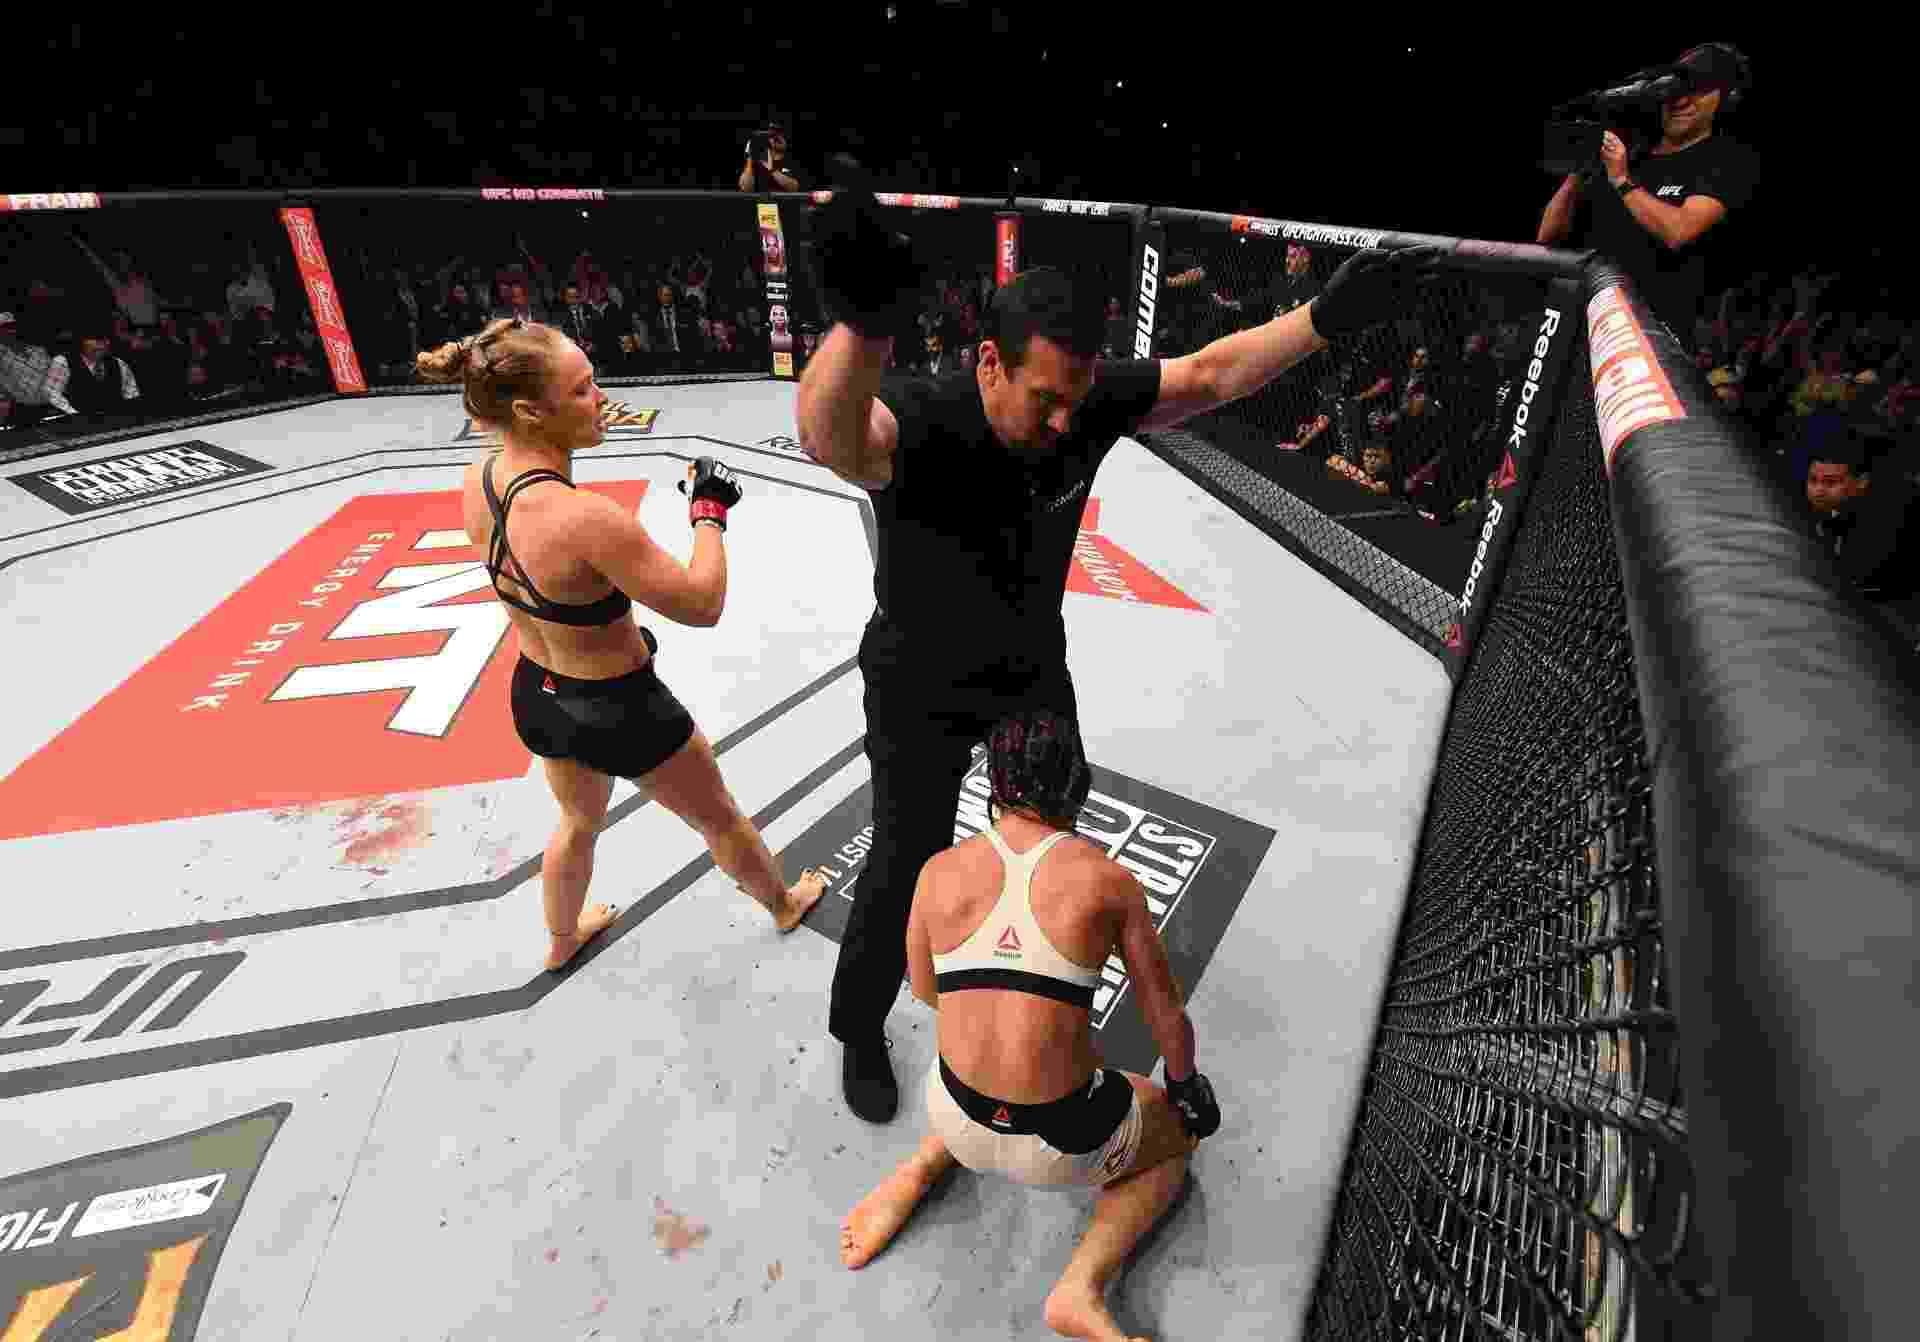 Ronda Rousey (esq.) comemora após nocautear Bethe Correia, que fica ajoelhada no chão, na luta principal do UFC 190 - Josh Hedges/Zuffa LLC UFC